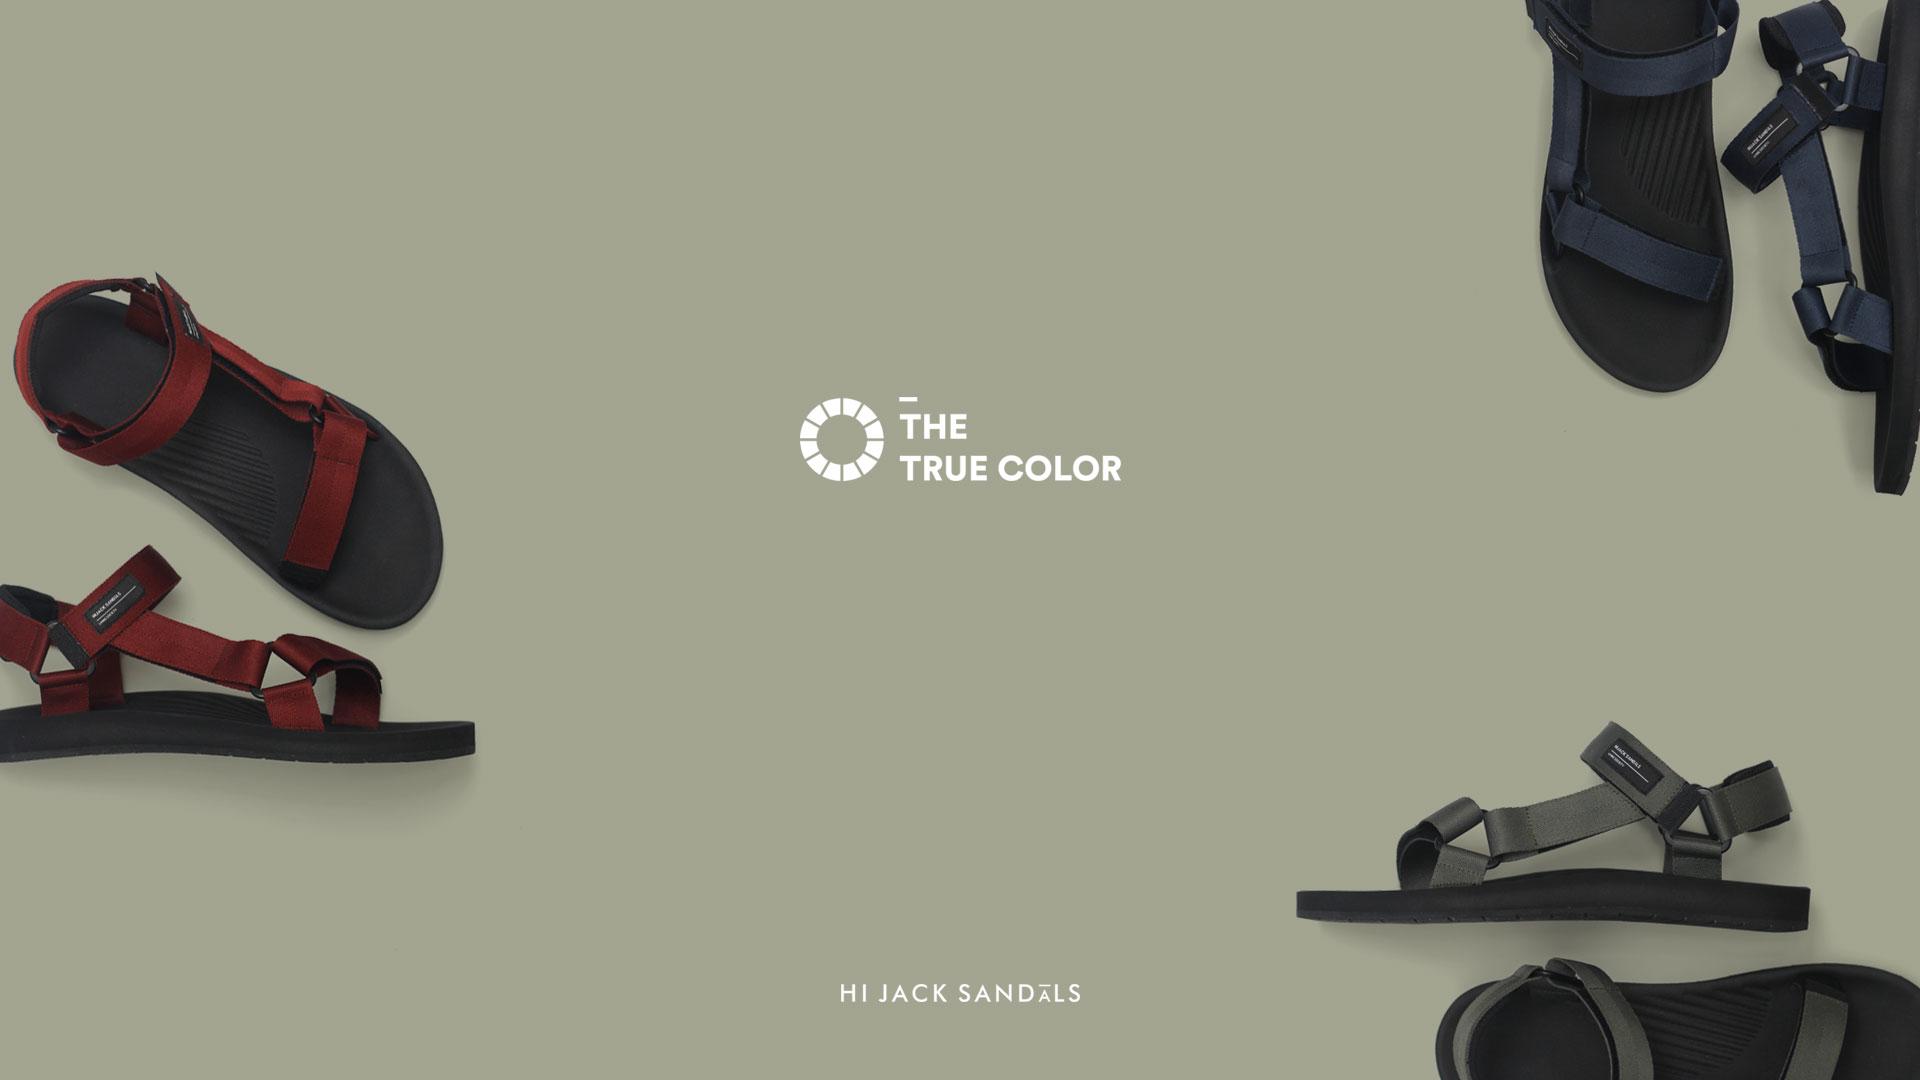 The True Color – KATO HAZY